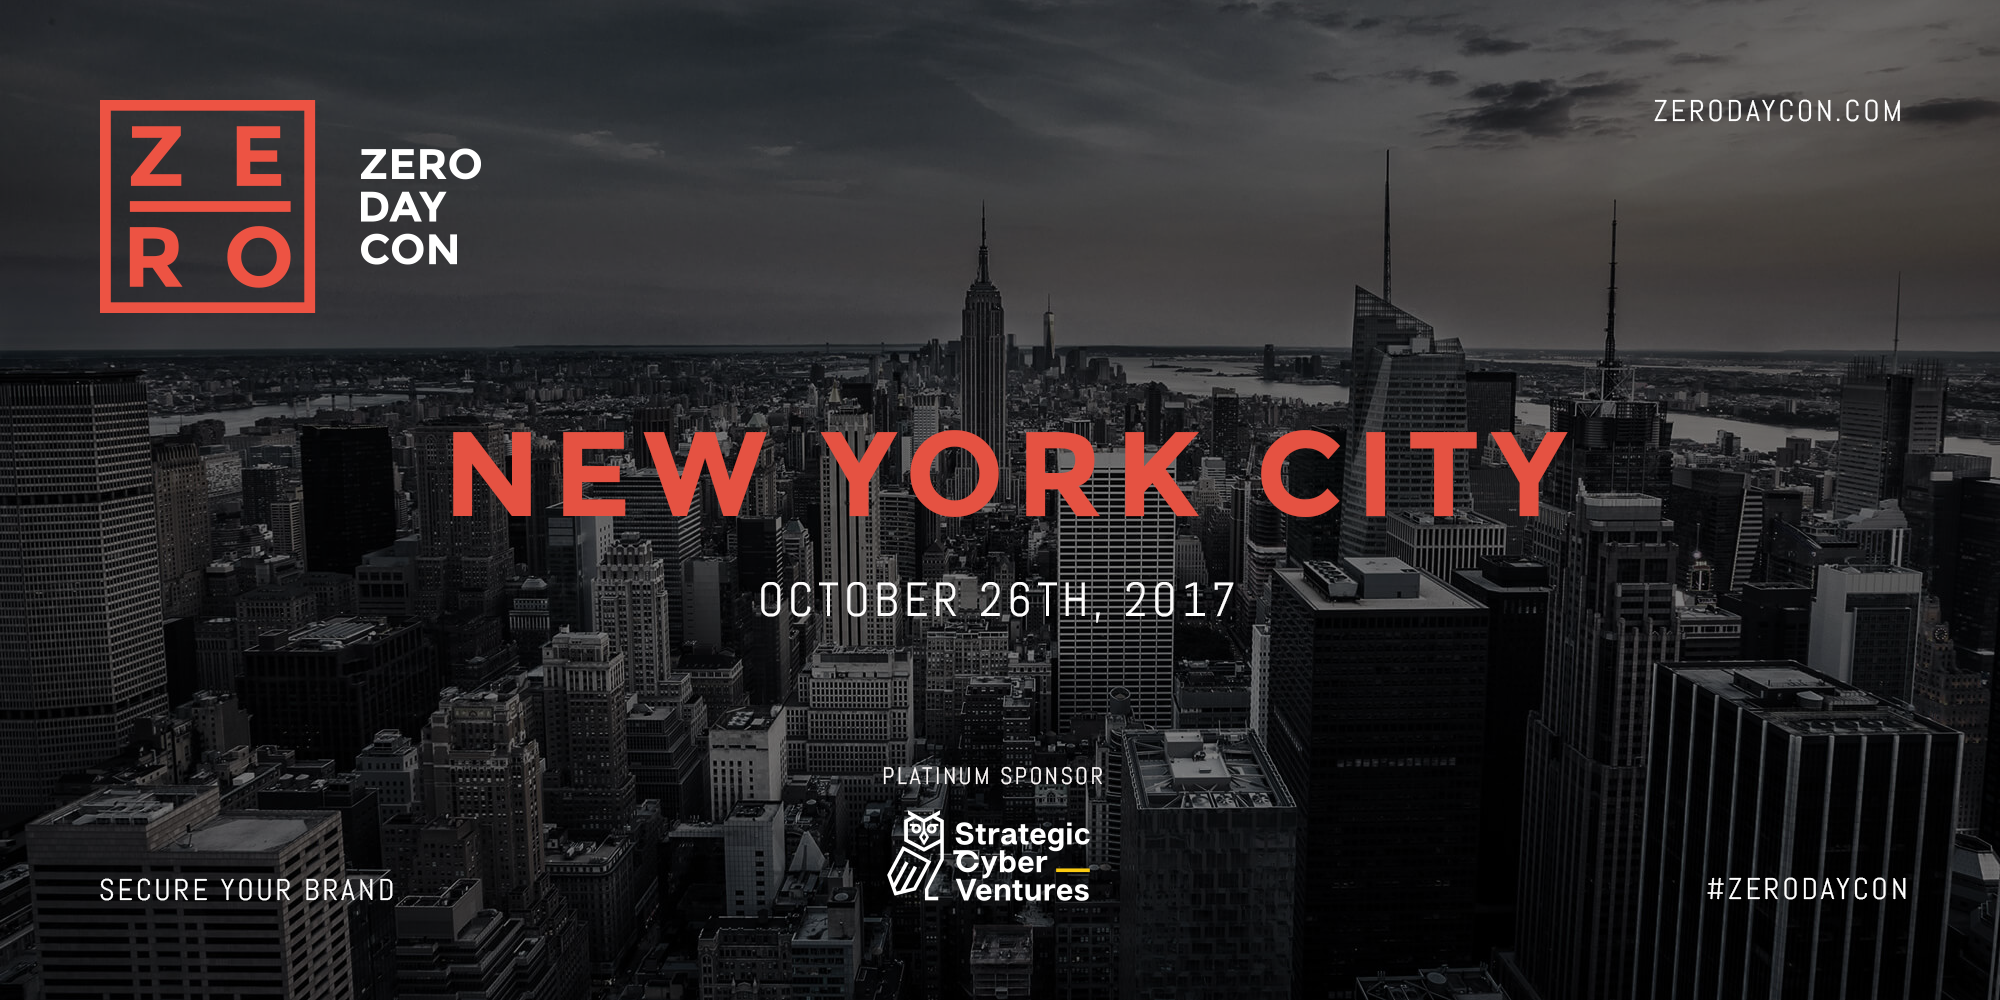 Zero Day Con New York City